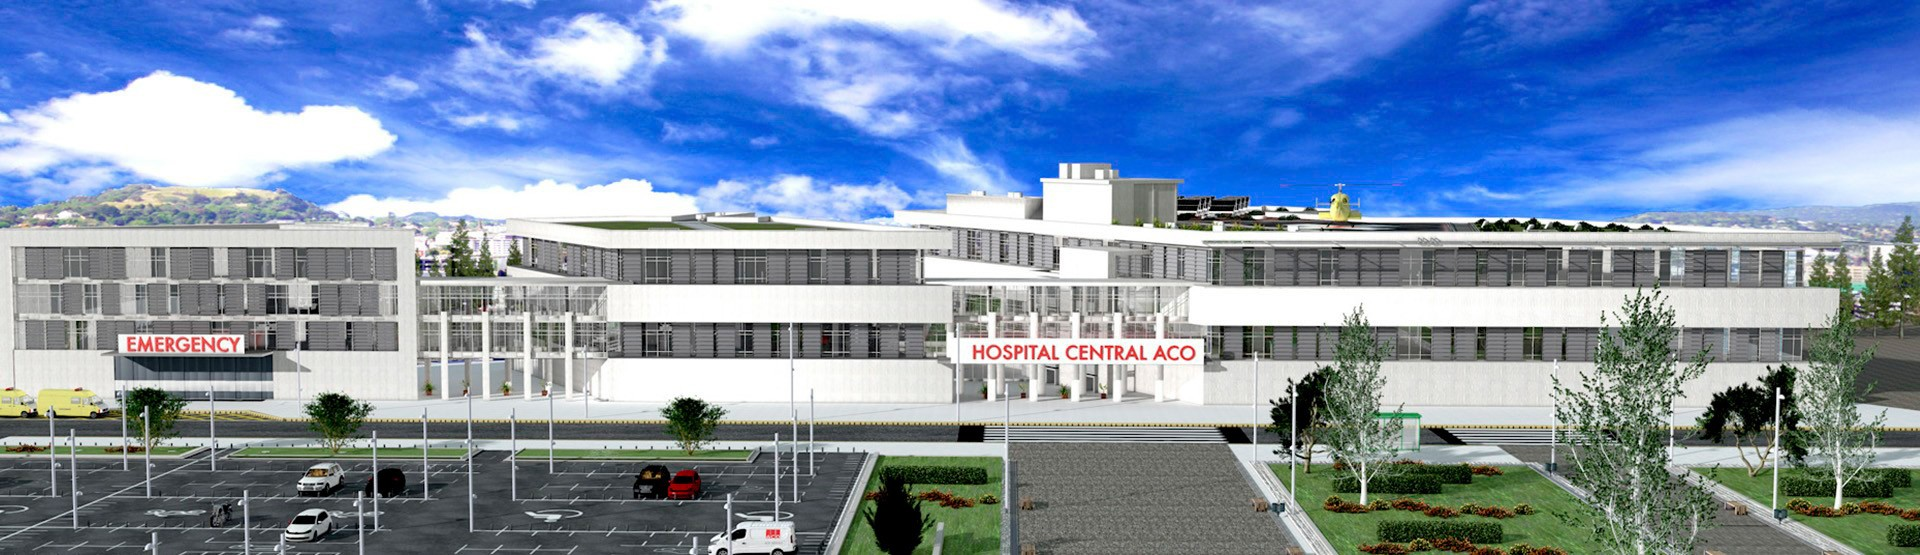 ACO Microsite Hospitales